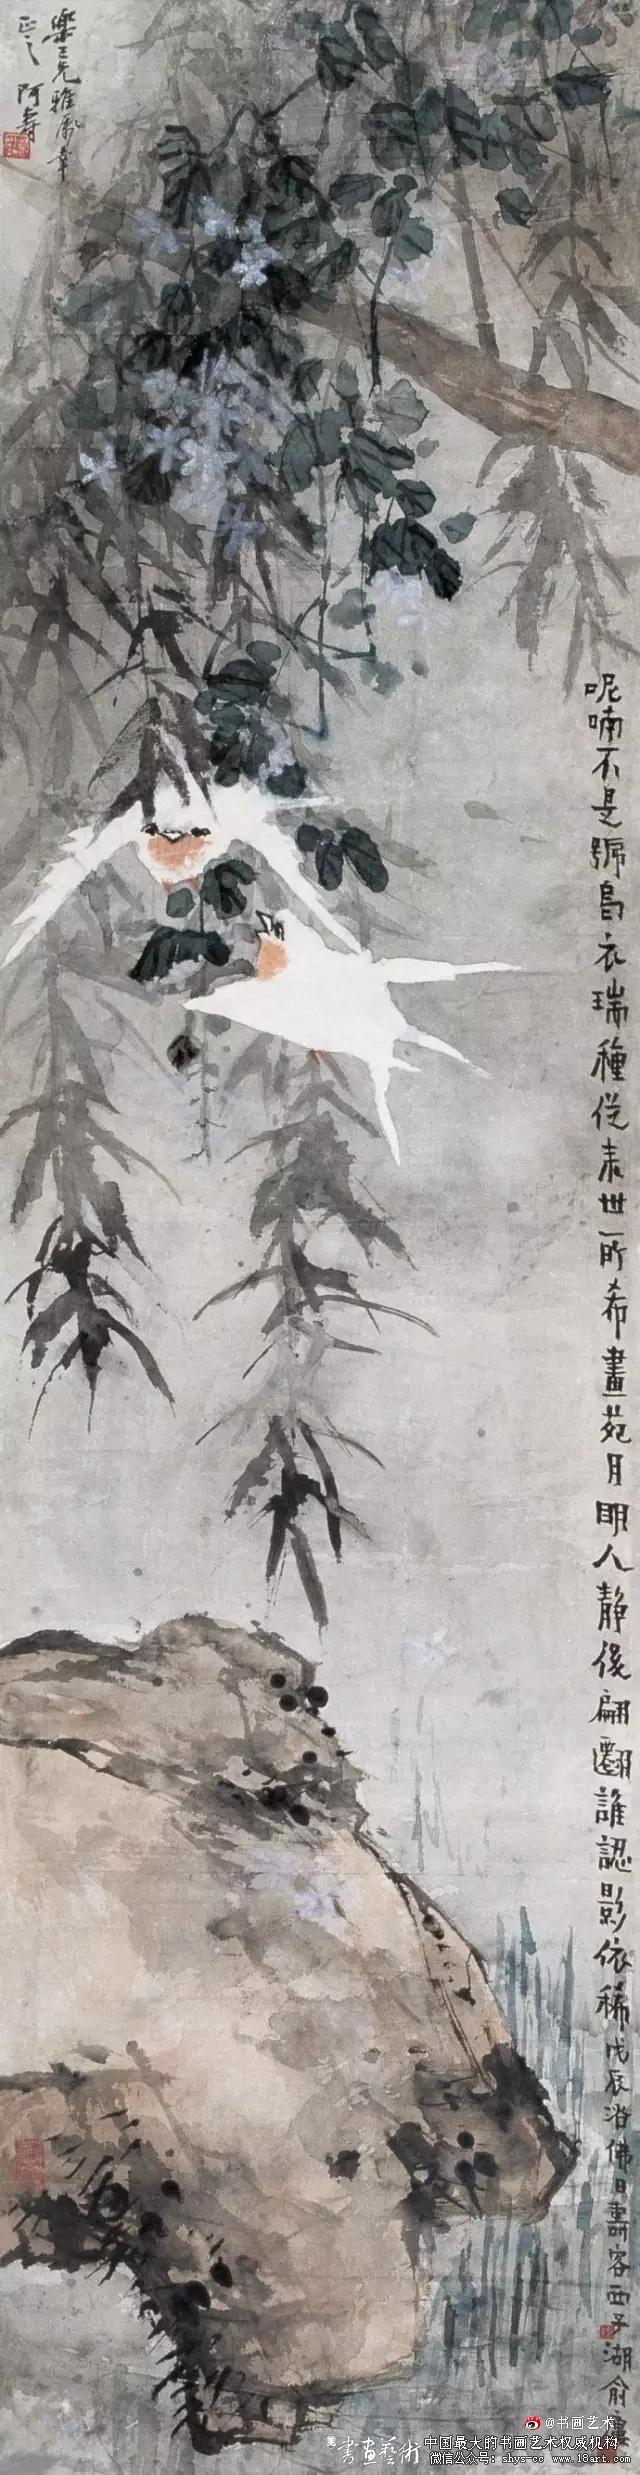 潘天寿 1928年作 花鸟126×32cm